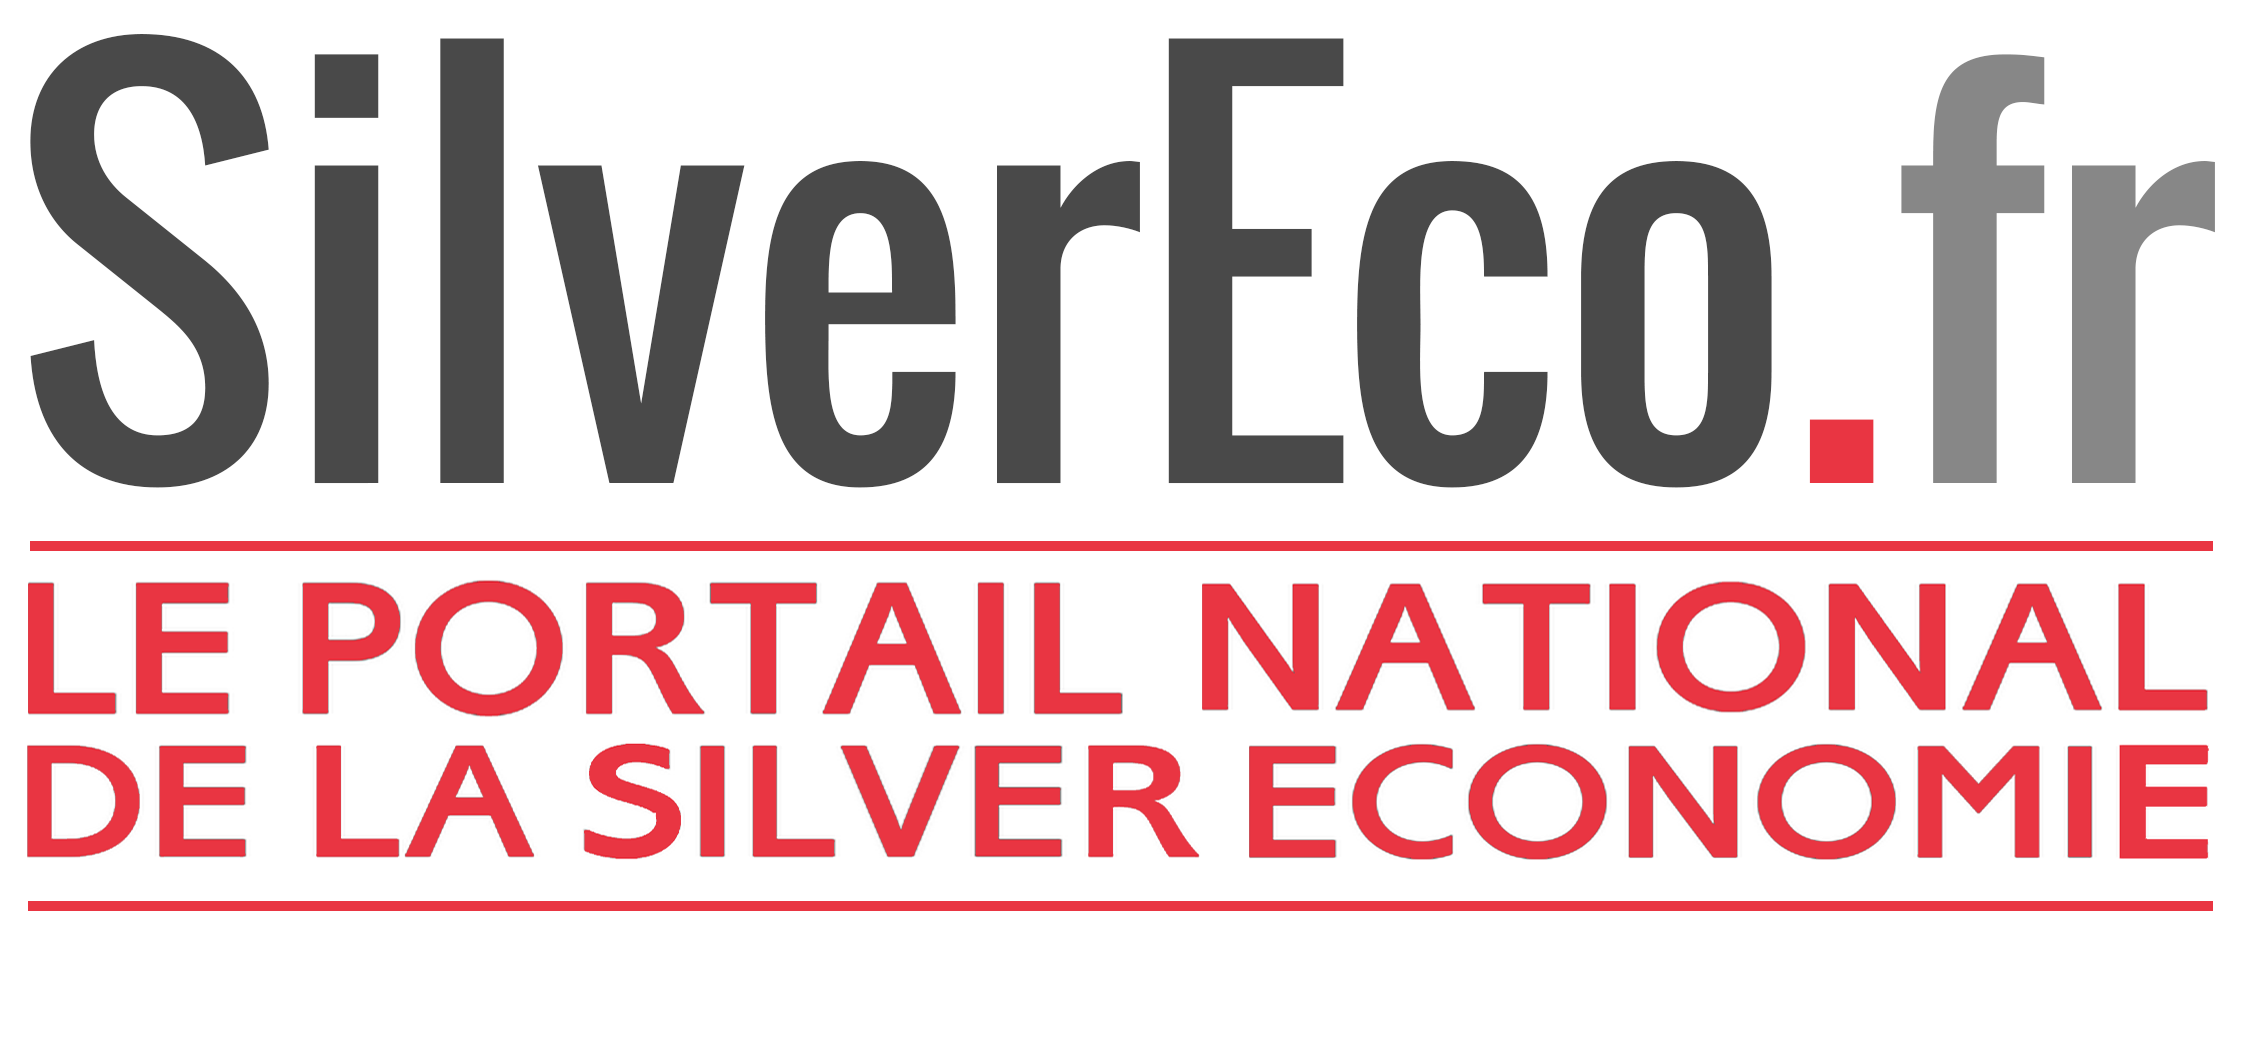 silver_eco